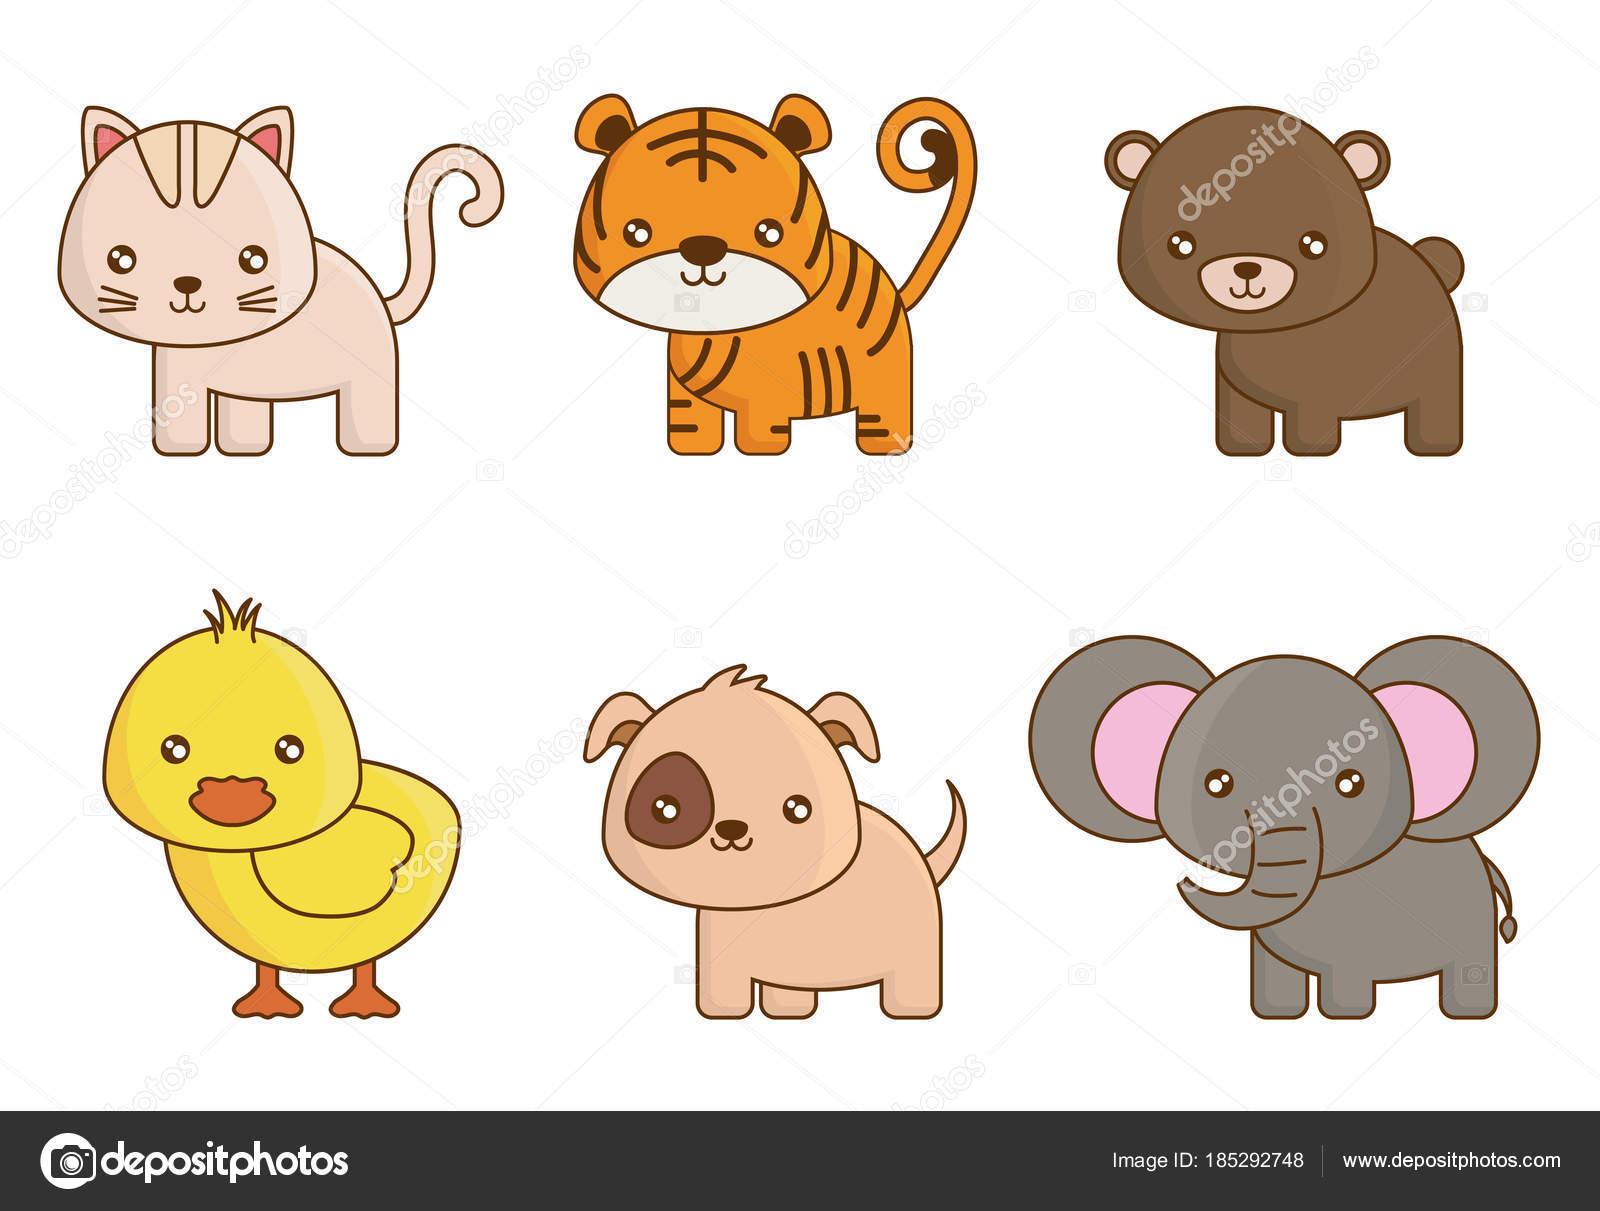 Desenho De Animais Fofos Vetores De Stock C Djv 185292748